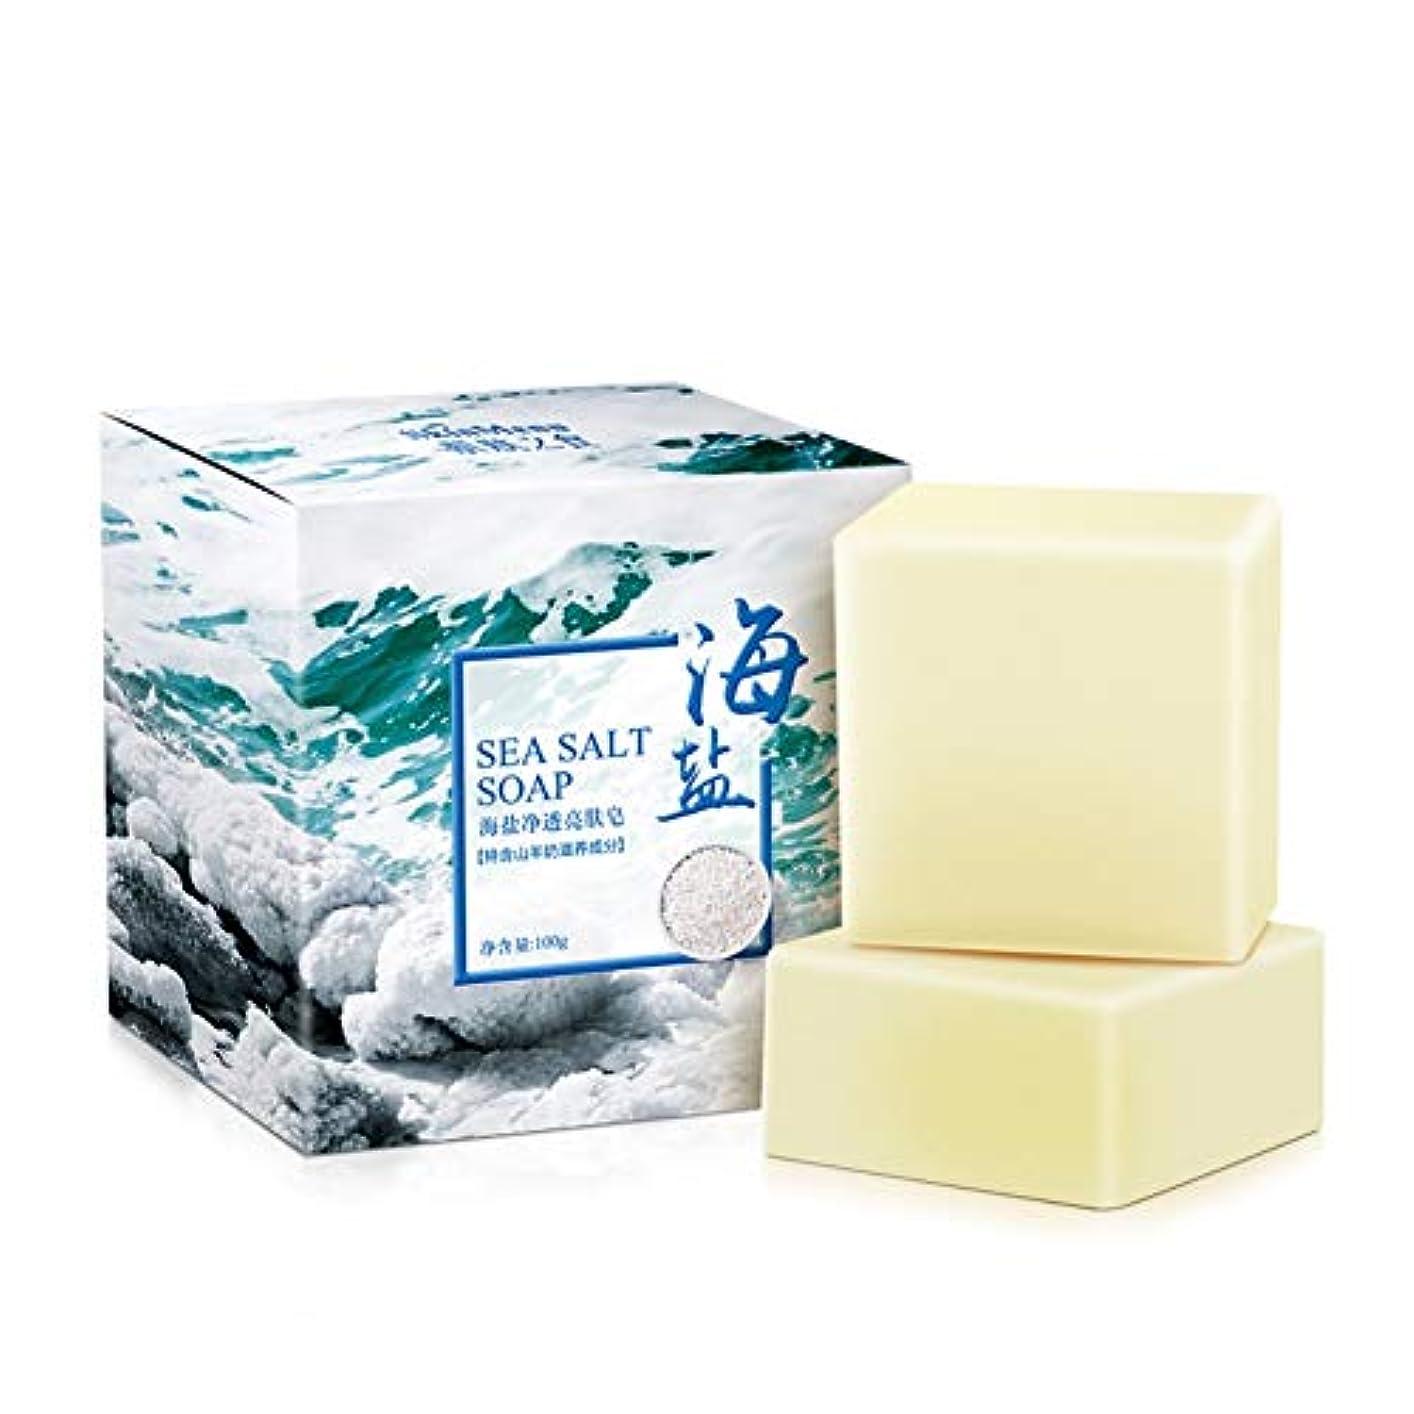 版保持ジャンクKISSION せっけん 透明な半透明石鹸 海塩が豊富 ローカストソープ ダニをすばやく削除 無添加 敏感 保湿 肌用 毛穴 対策 パーソナルケア製品